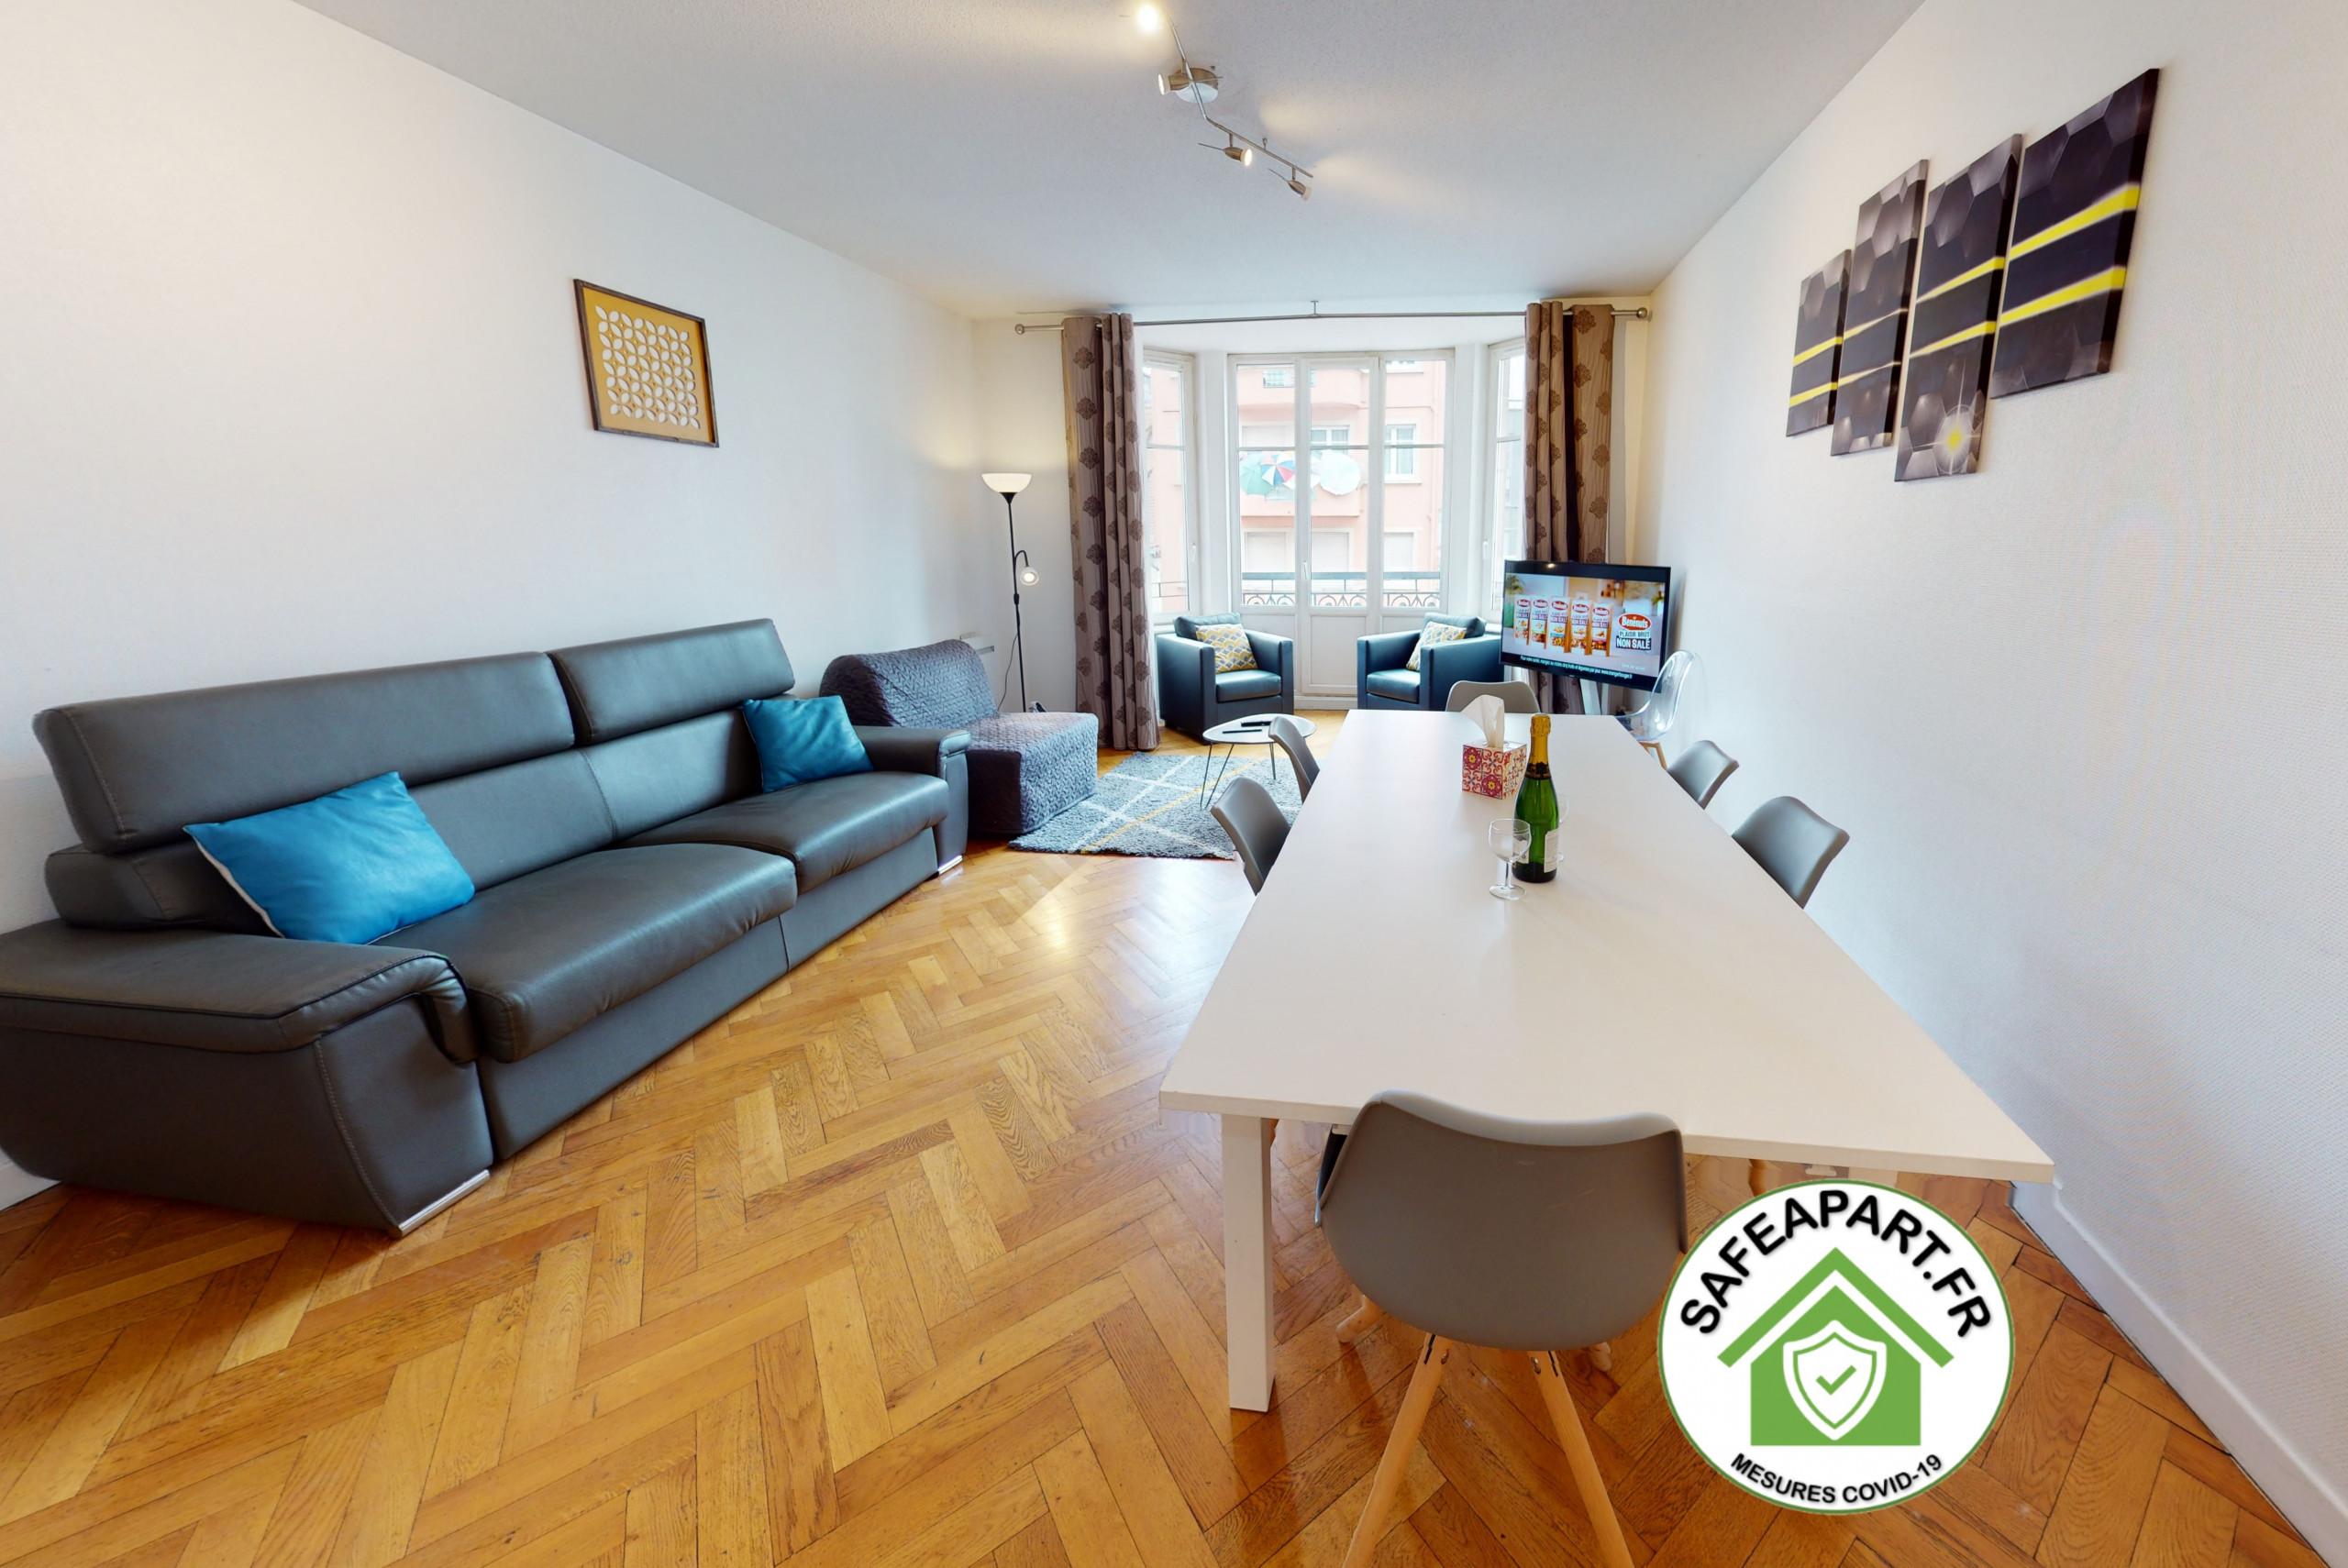 à Strasbourg - NETTER *** city center appart 2 Chambres + séjour